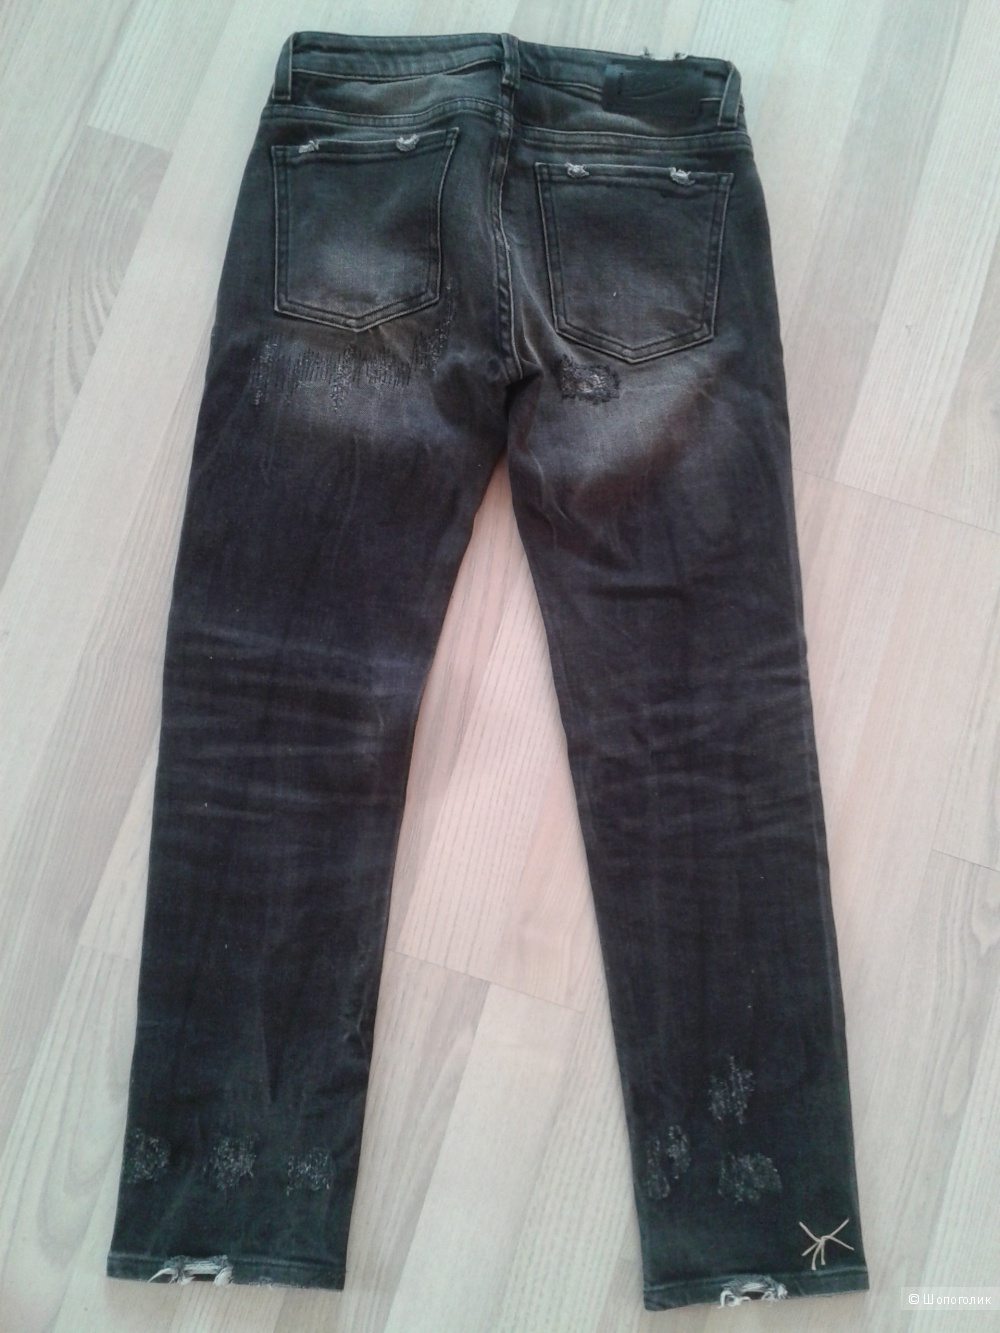 Итальянские джинсы Pence, 24 р-р, XS